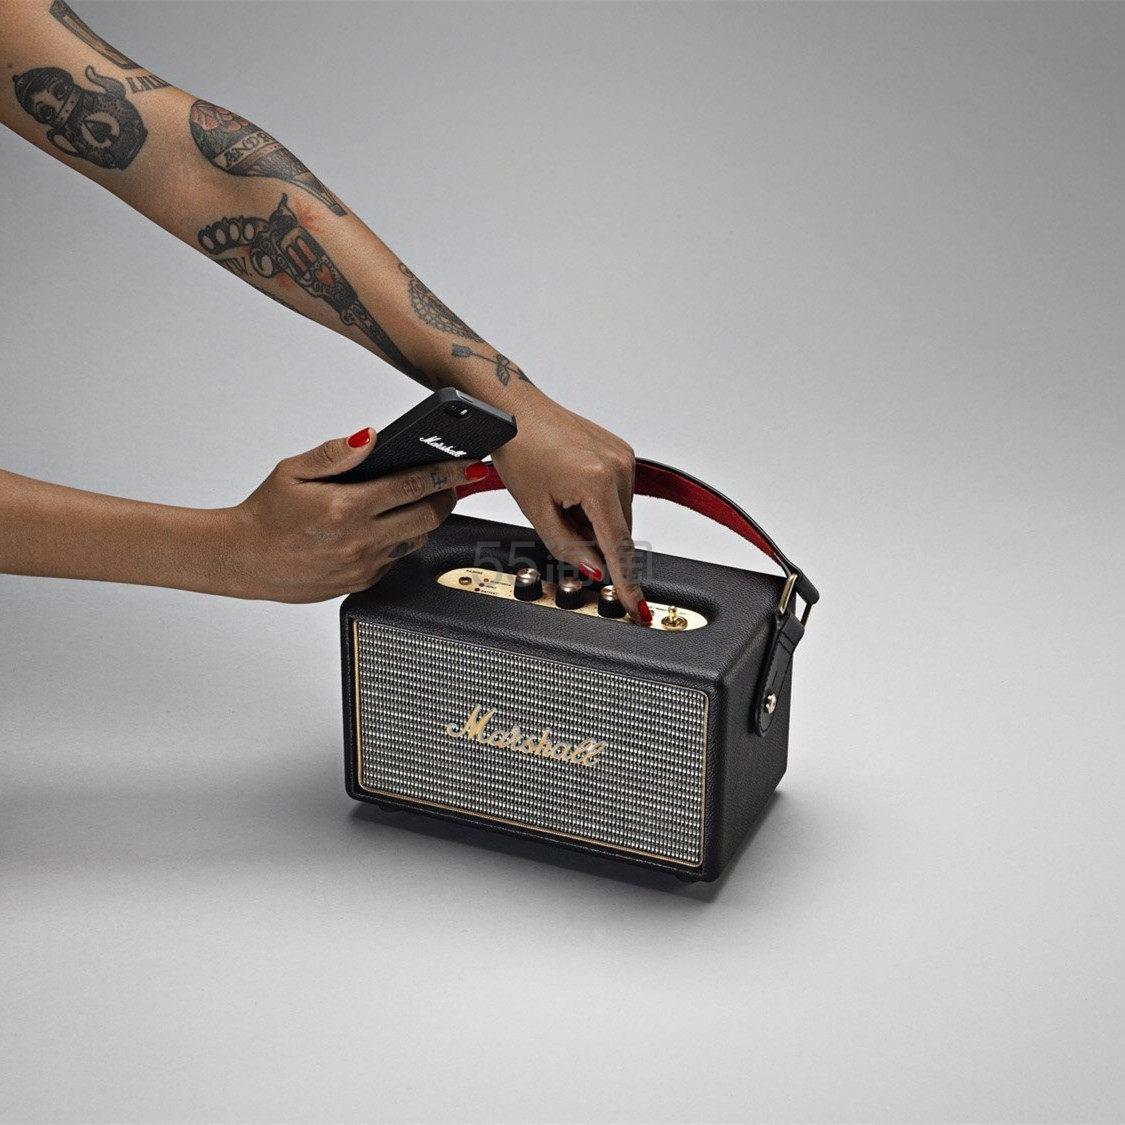 国内618价¥1599!【中亚Prime会员】Marshall 马歇尔 Kilburn 无线便携蓝牙音箱 到手价1188元 - 海淘优惠海淘折扣|55海淘网